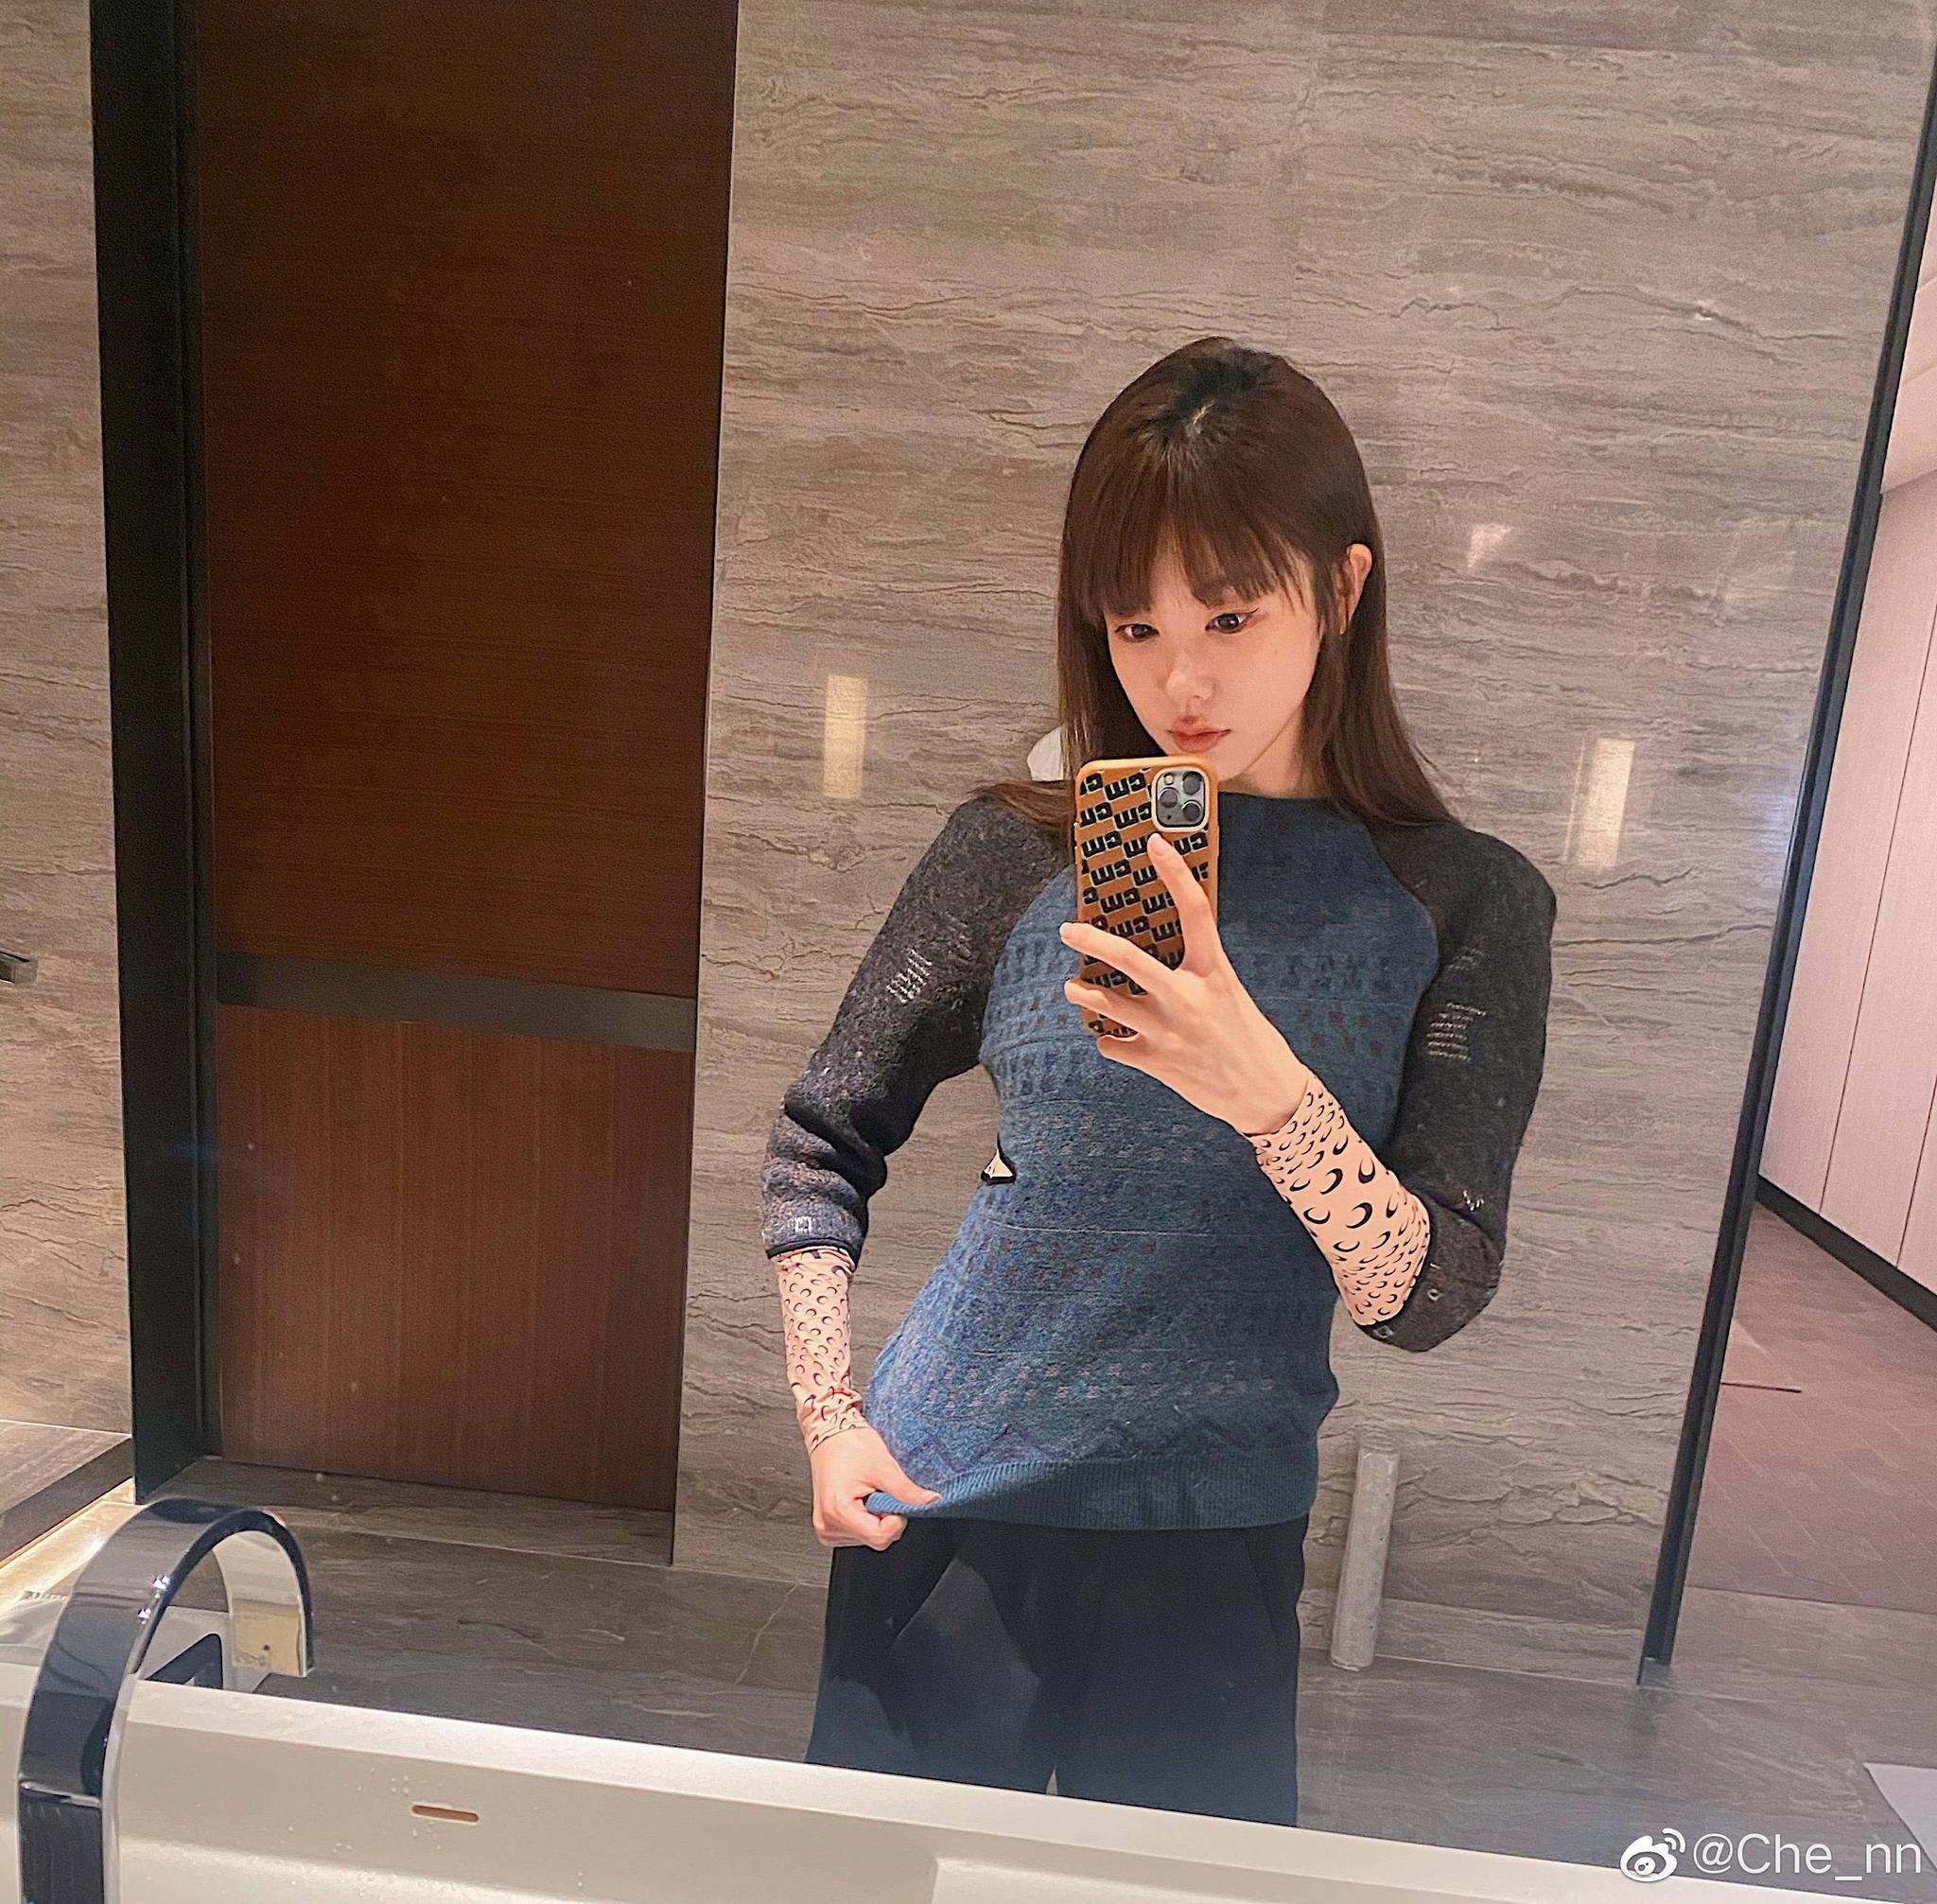 深圳佳兆业俱乐部球员郜林的妻子近日晒出自己的日常自拍照